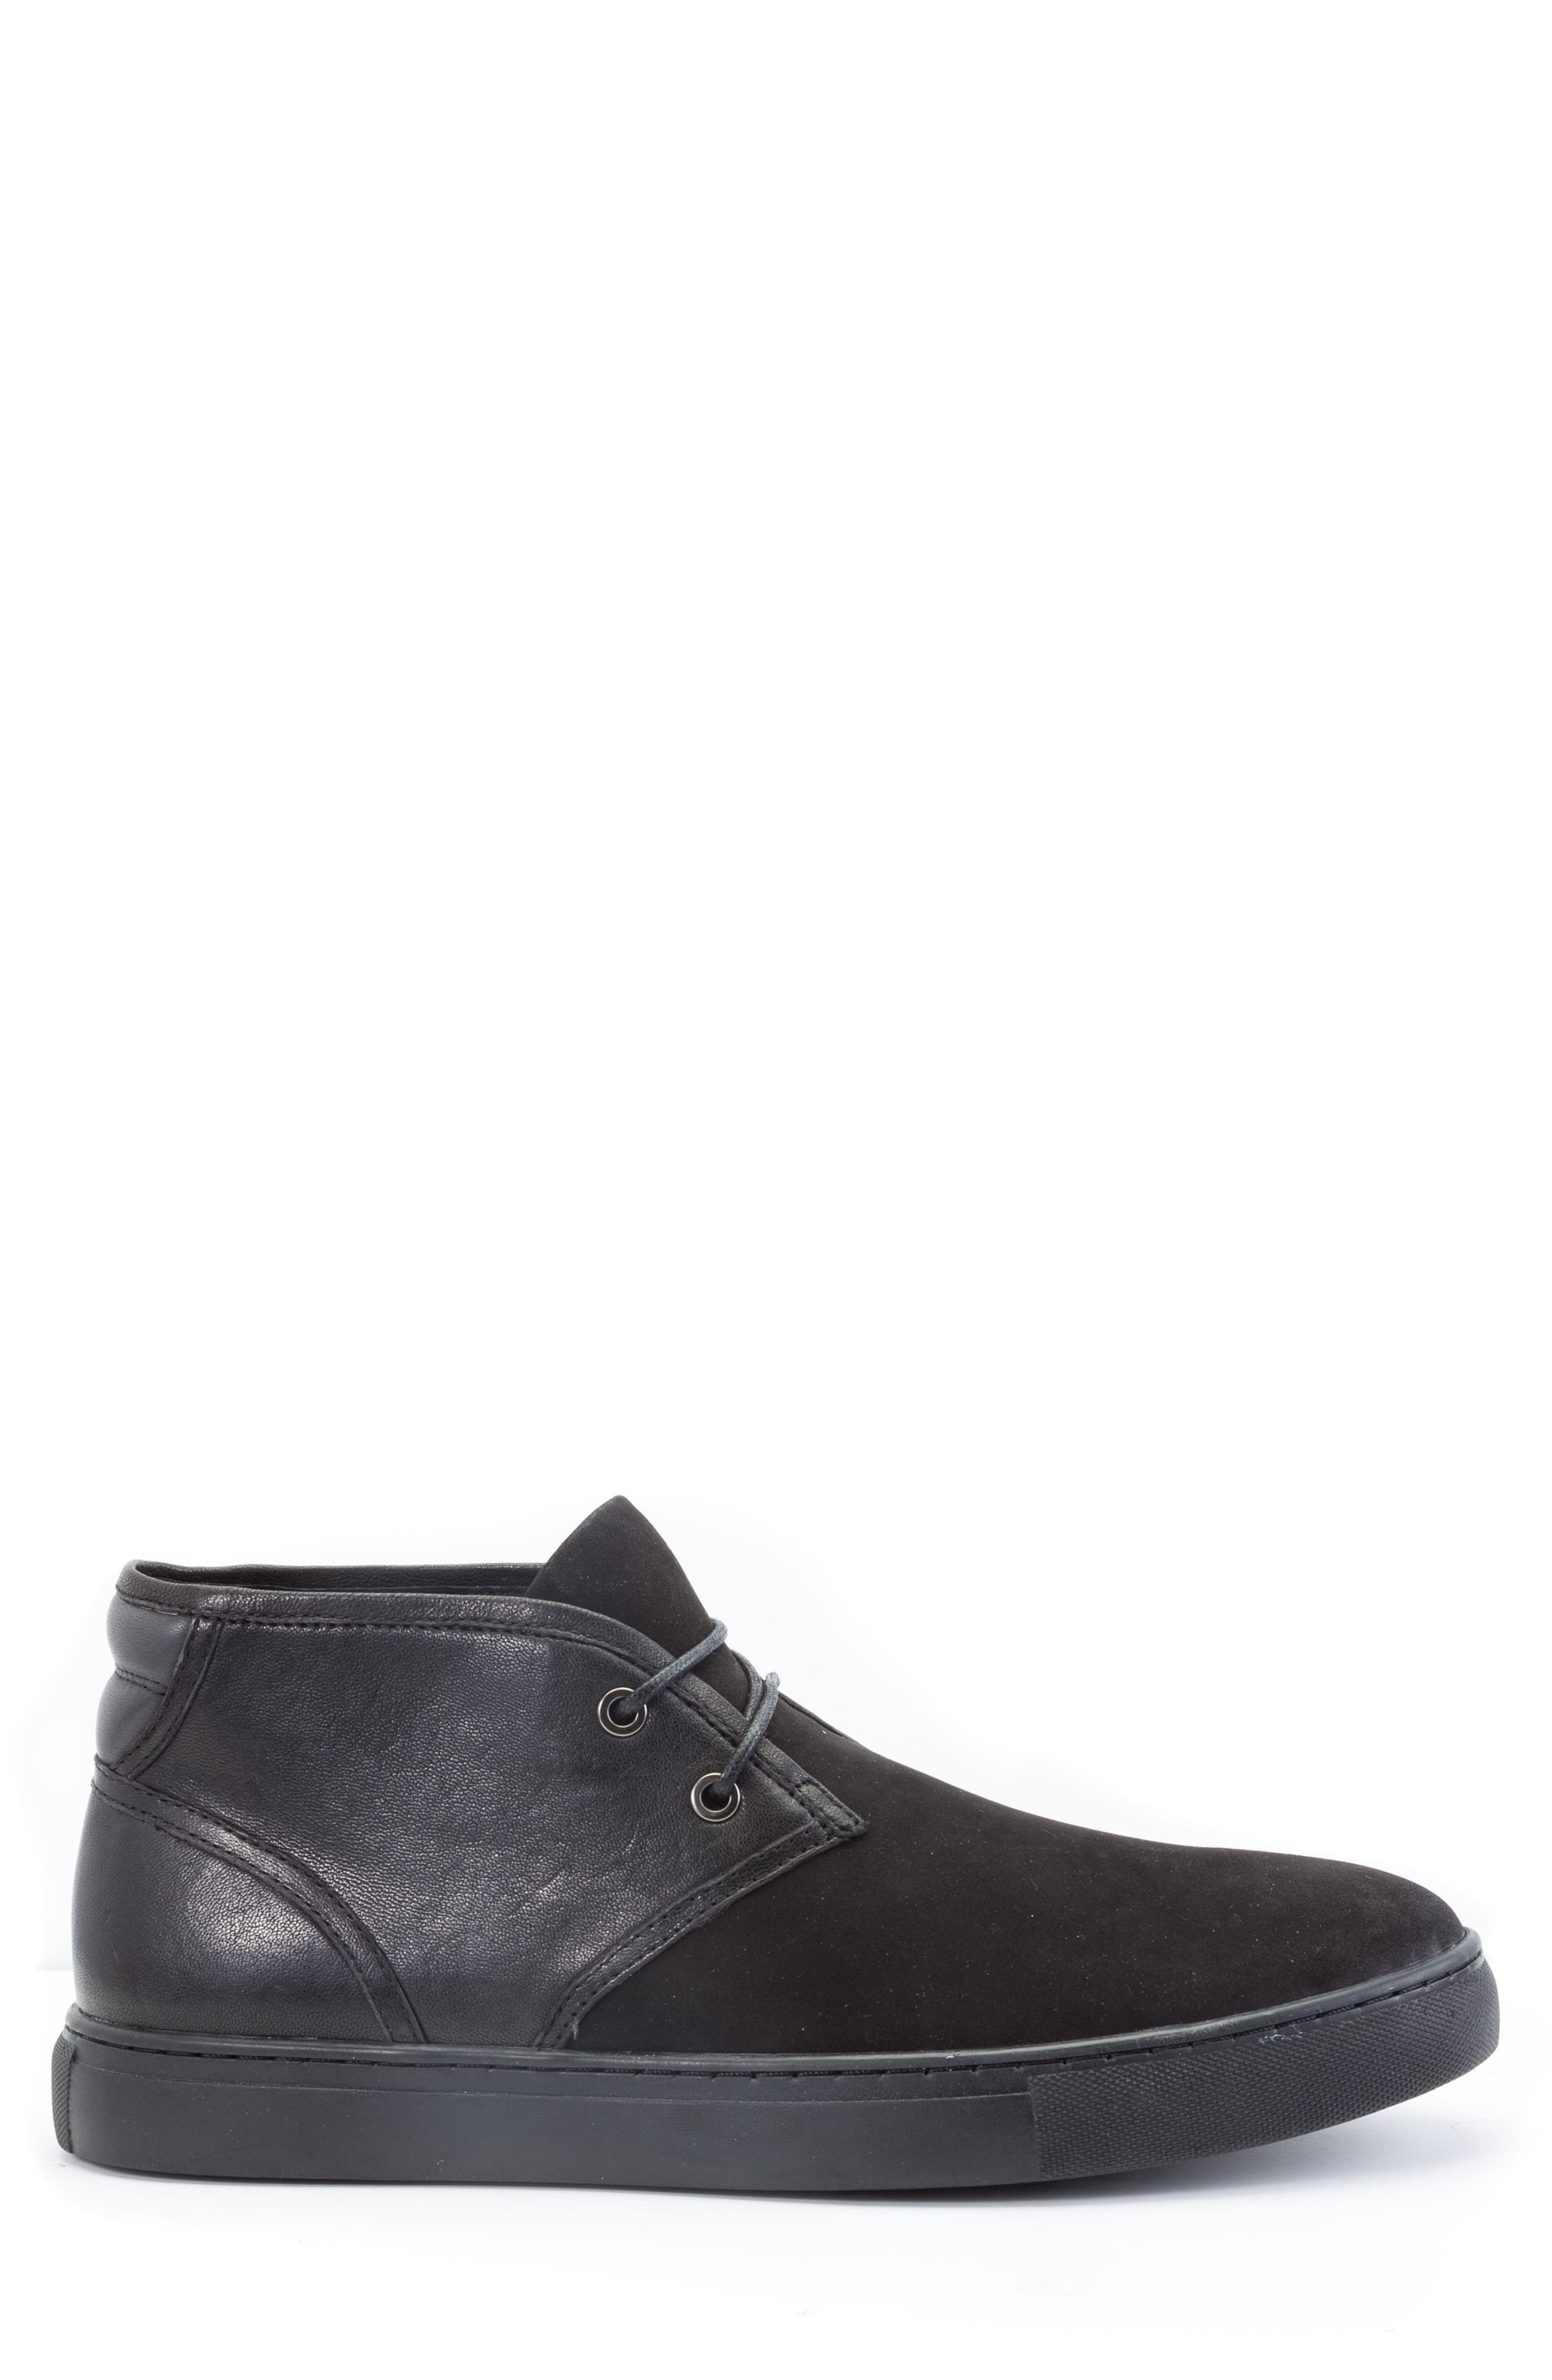 Catlett Chukka Sneaker,                             Alternate thumbnail 3, color,                             001